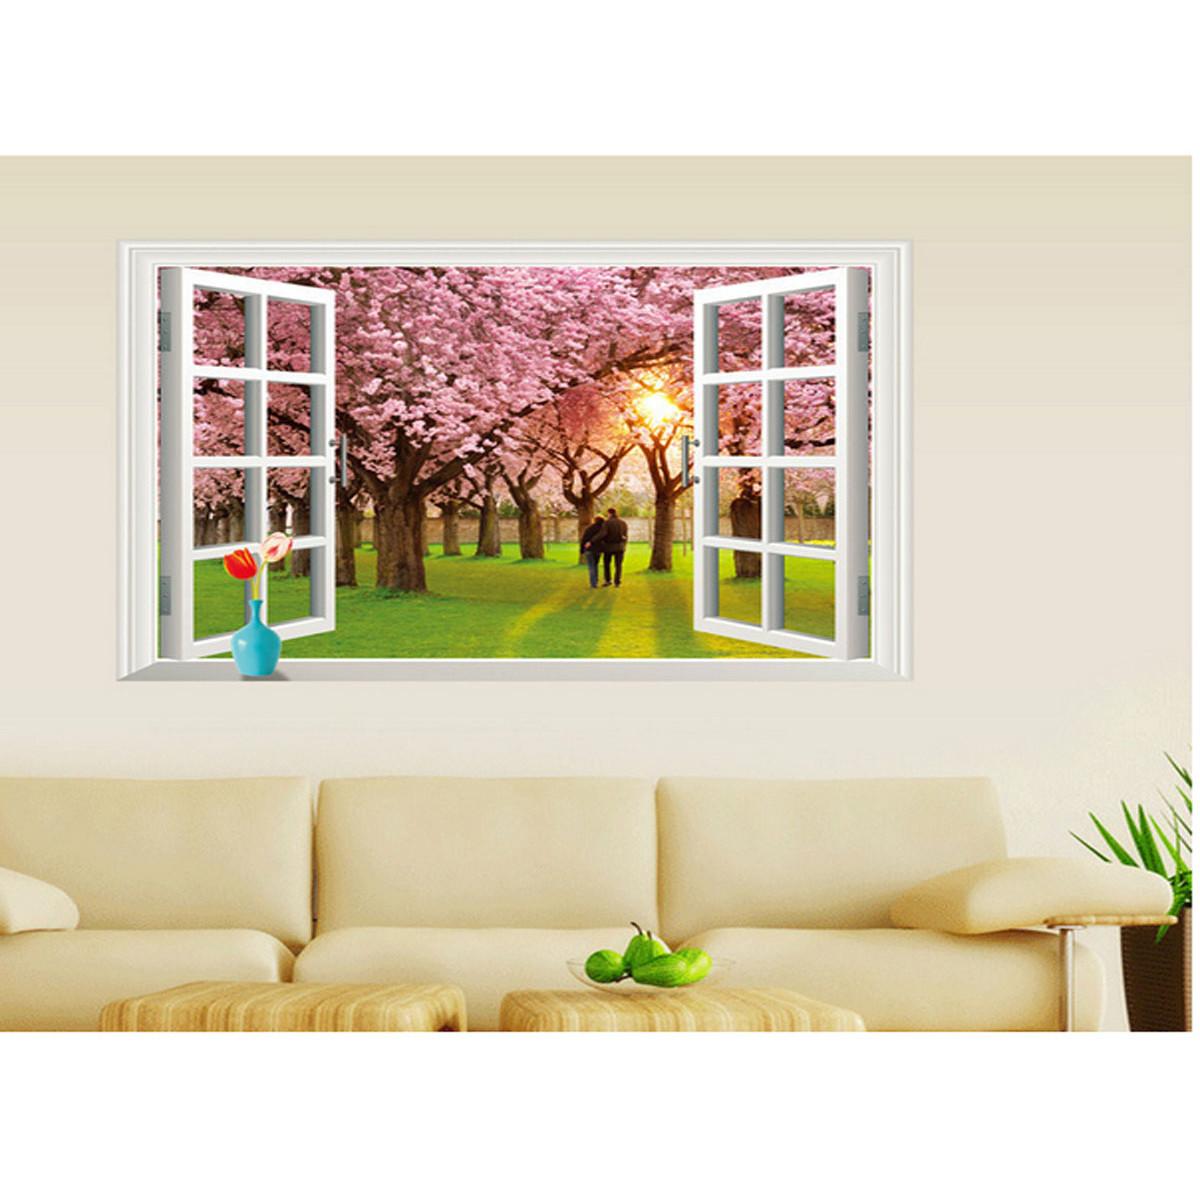 decal dán tường cửa sổ hoa đào tình nhân